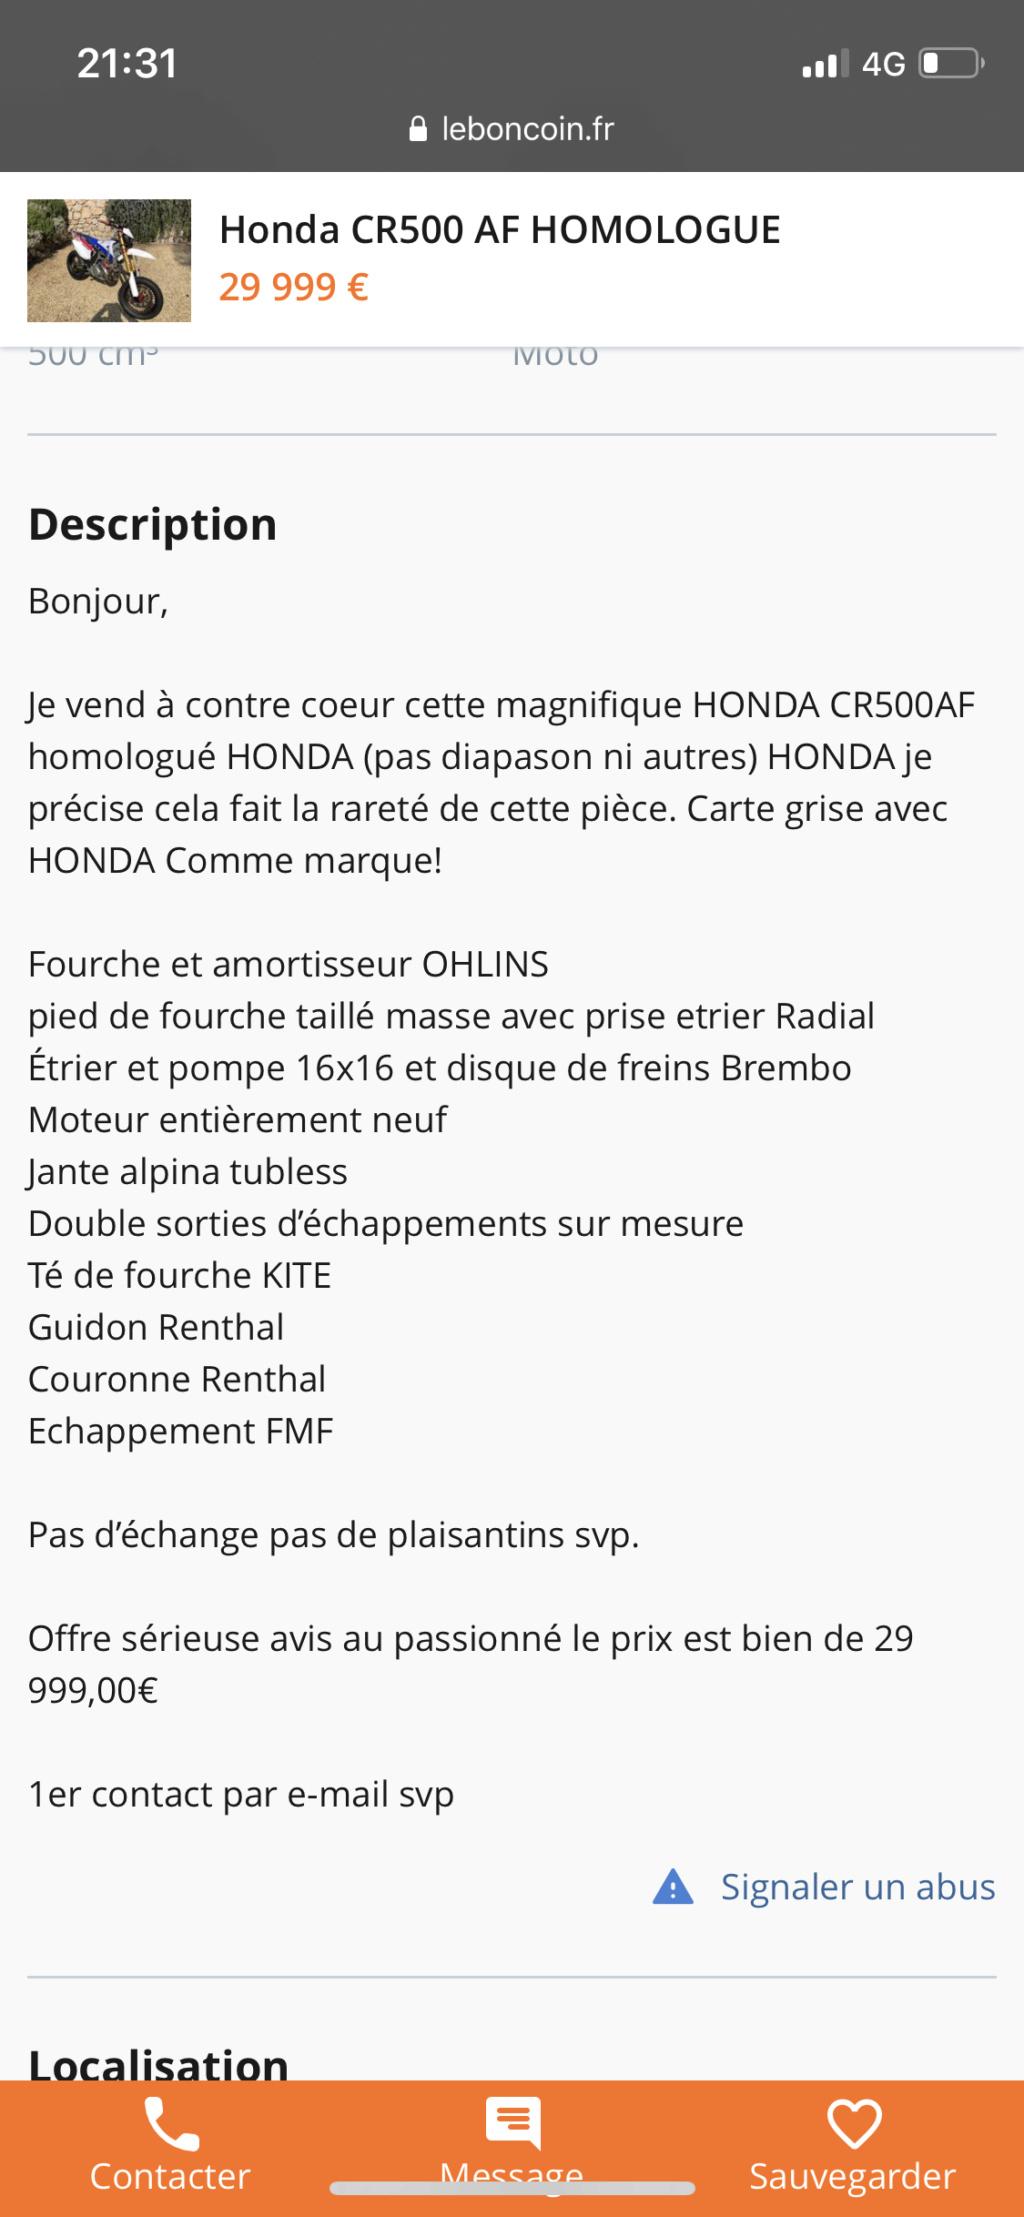 """Les annonces """"branlette"""" sur leboncoin... 32dcac10"""